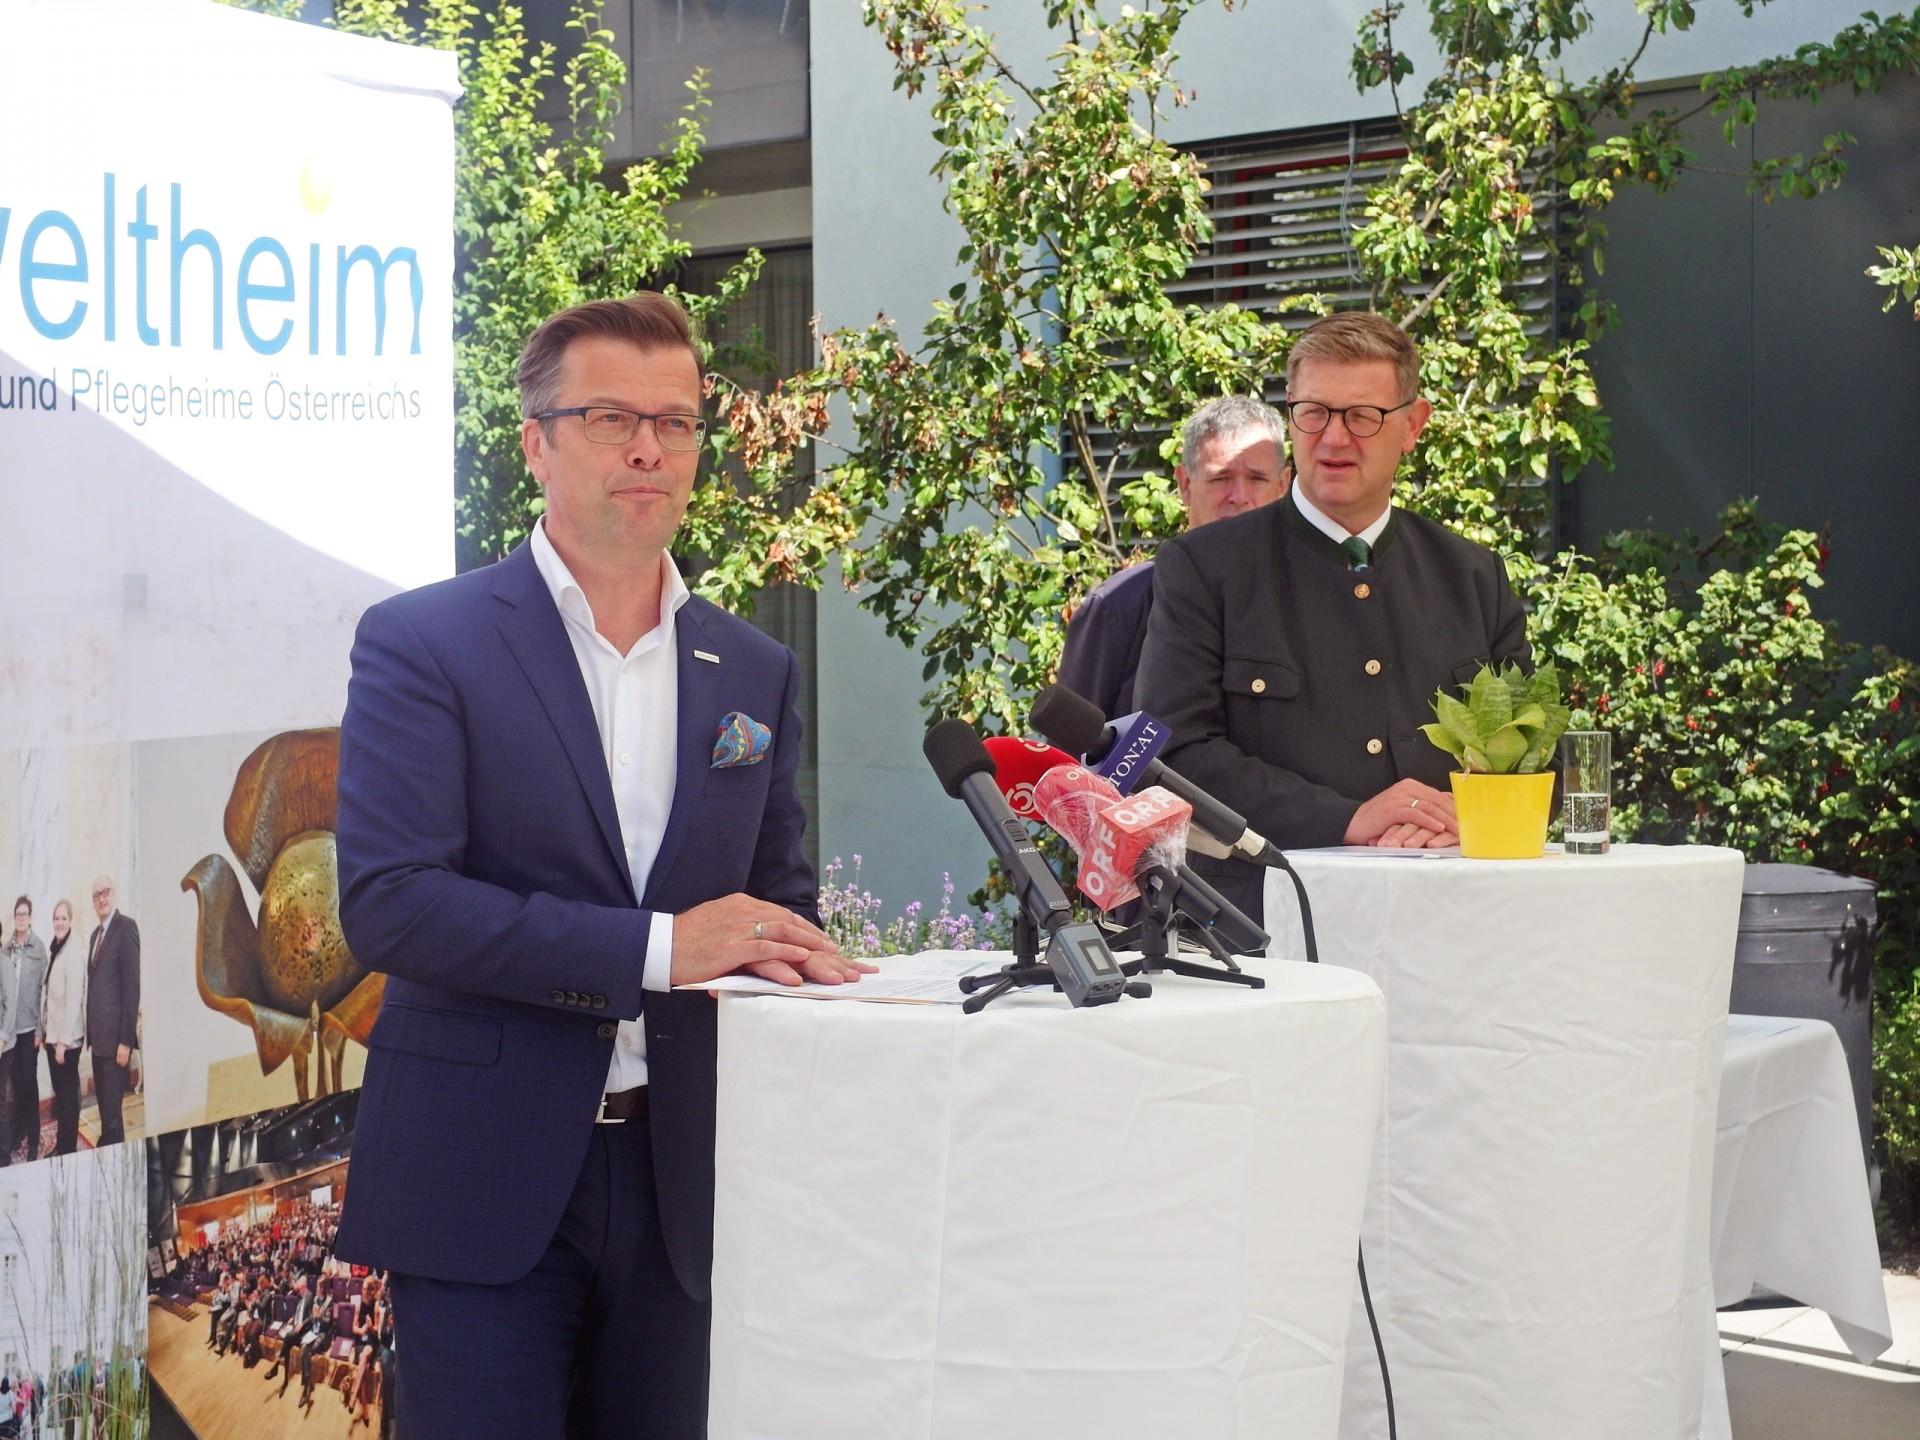 Pressekonferenz: Österreichs Alten- und Pflegeheime in der Corona-Krise – ein Zwischenbericht, Erkenntnisse und Forderungen an die Politik